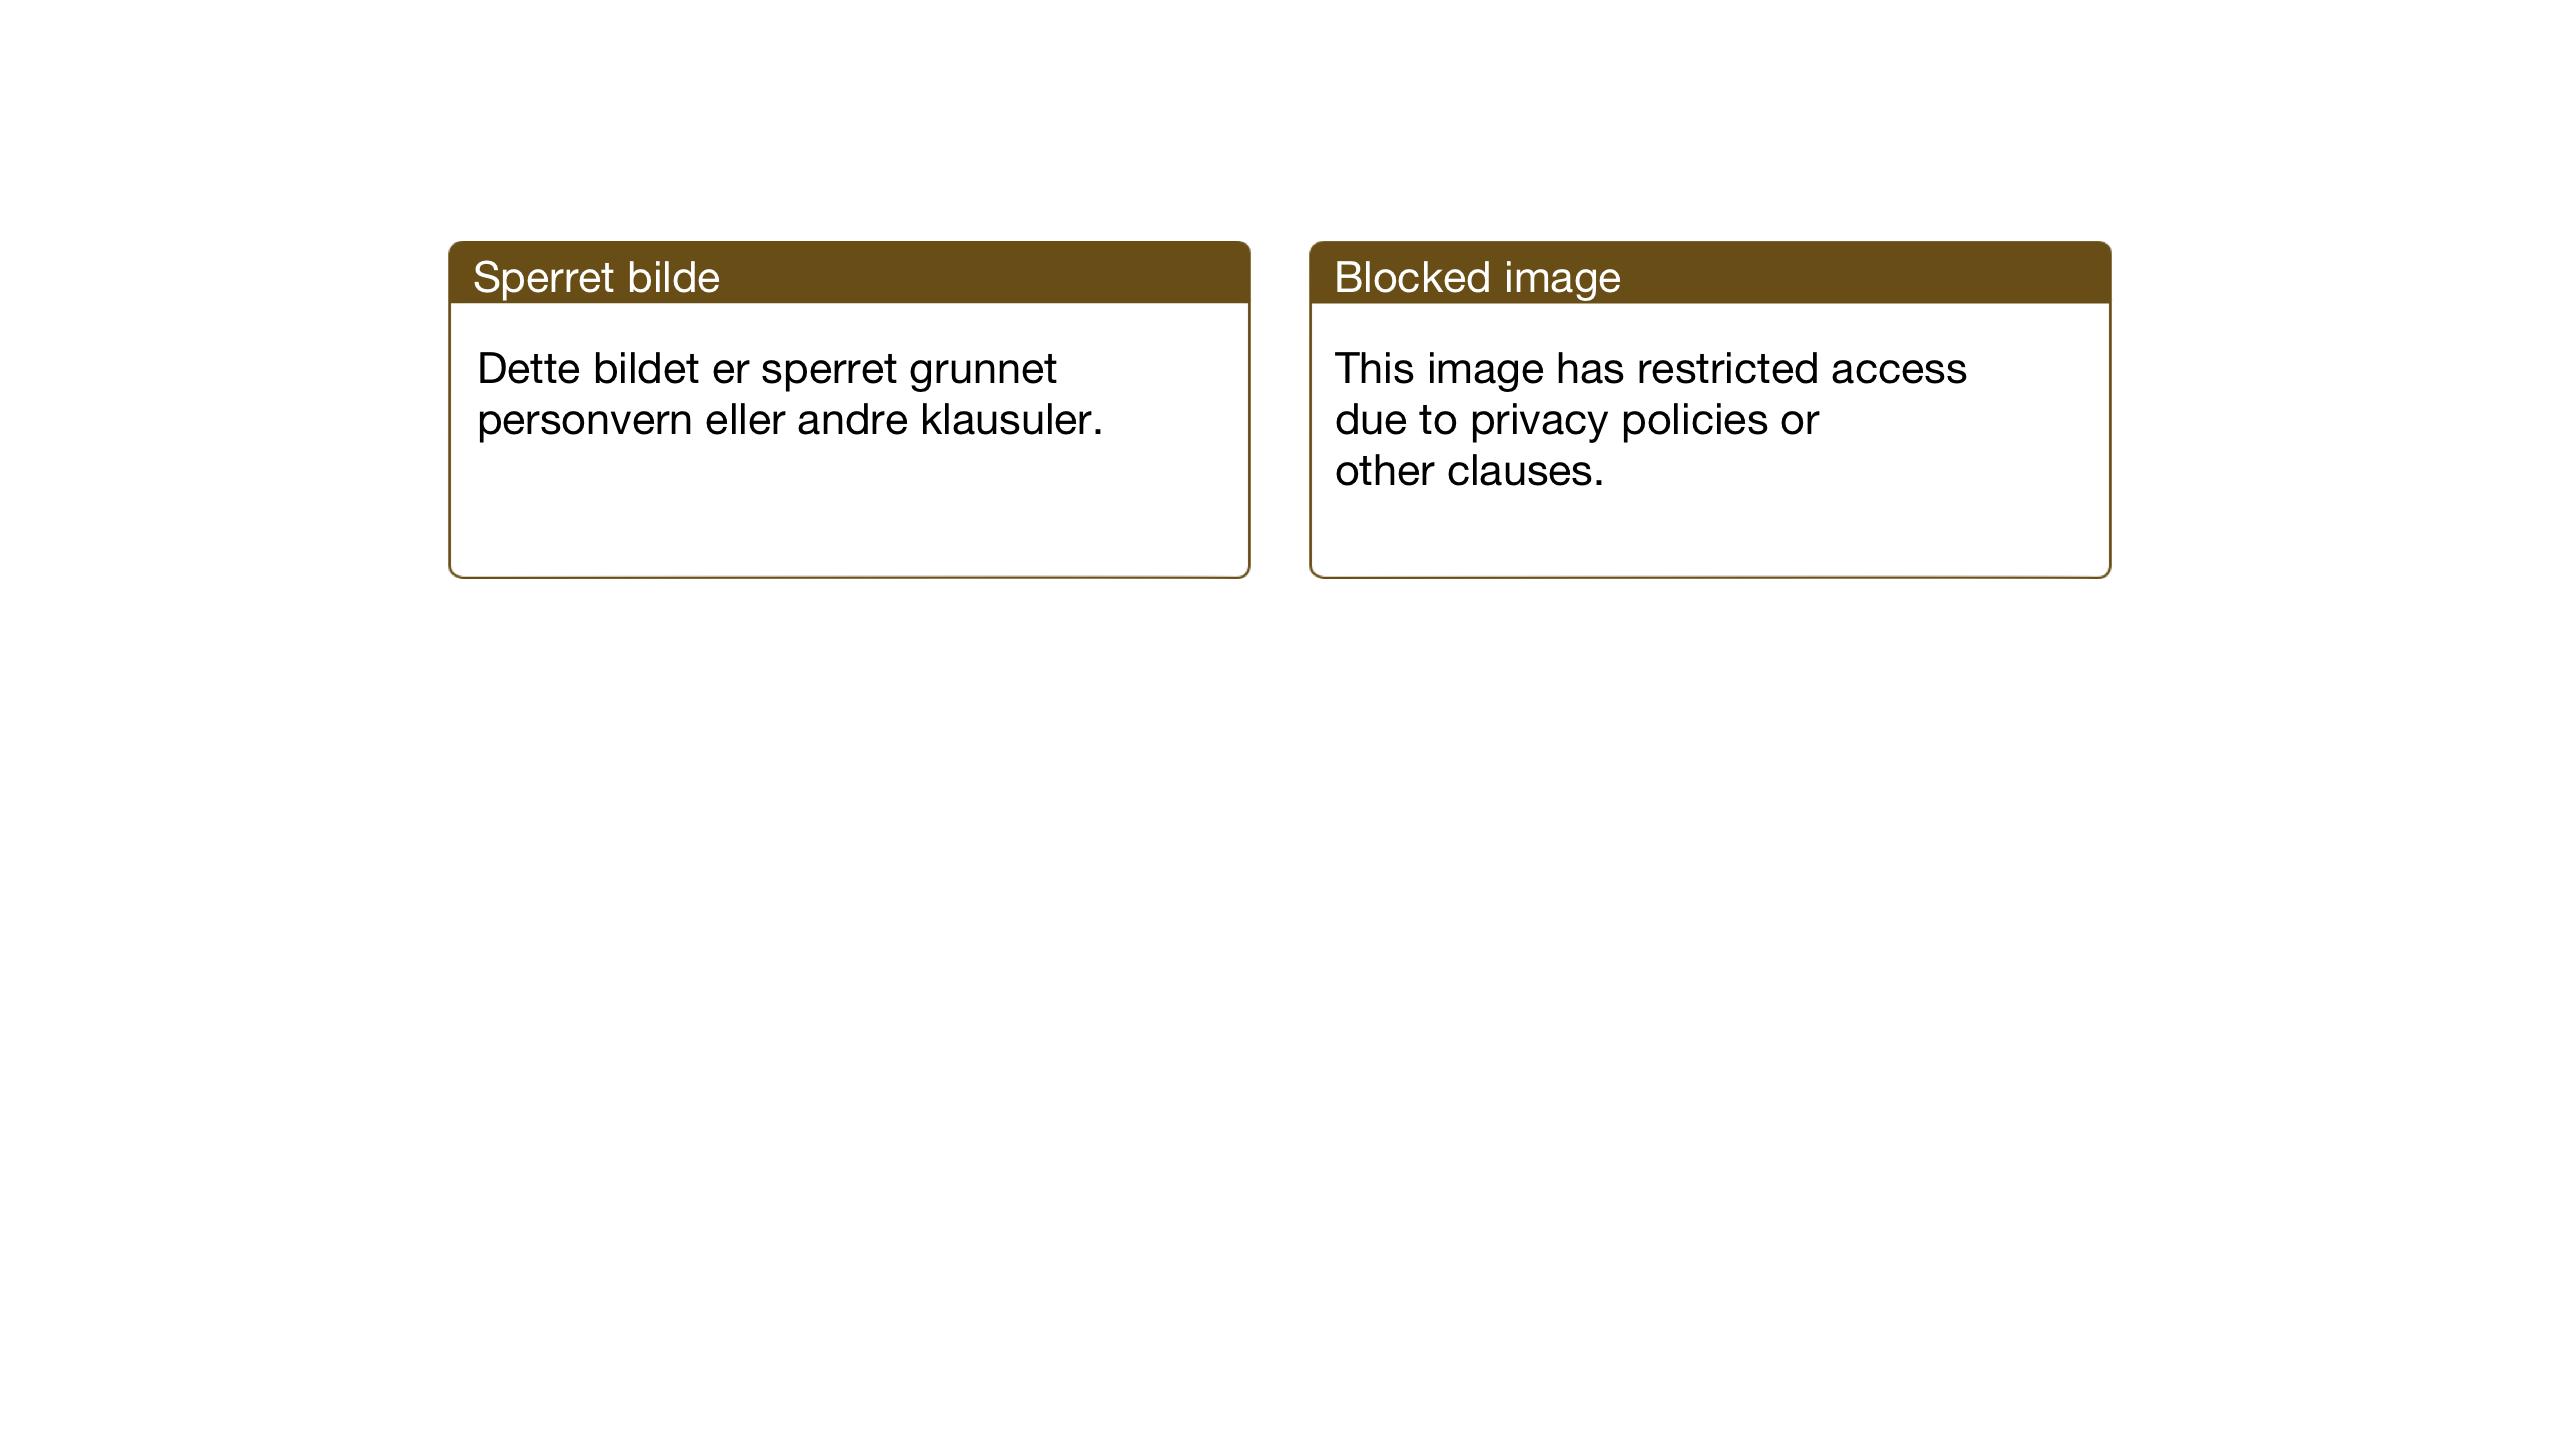 SAT, Ministerialprotokoller, klokkerbøker og fødselsregistre - Sør-Trøndelag, 607/L0327: Klokkerbok nr. 607C01, 1930-1939, s. 63